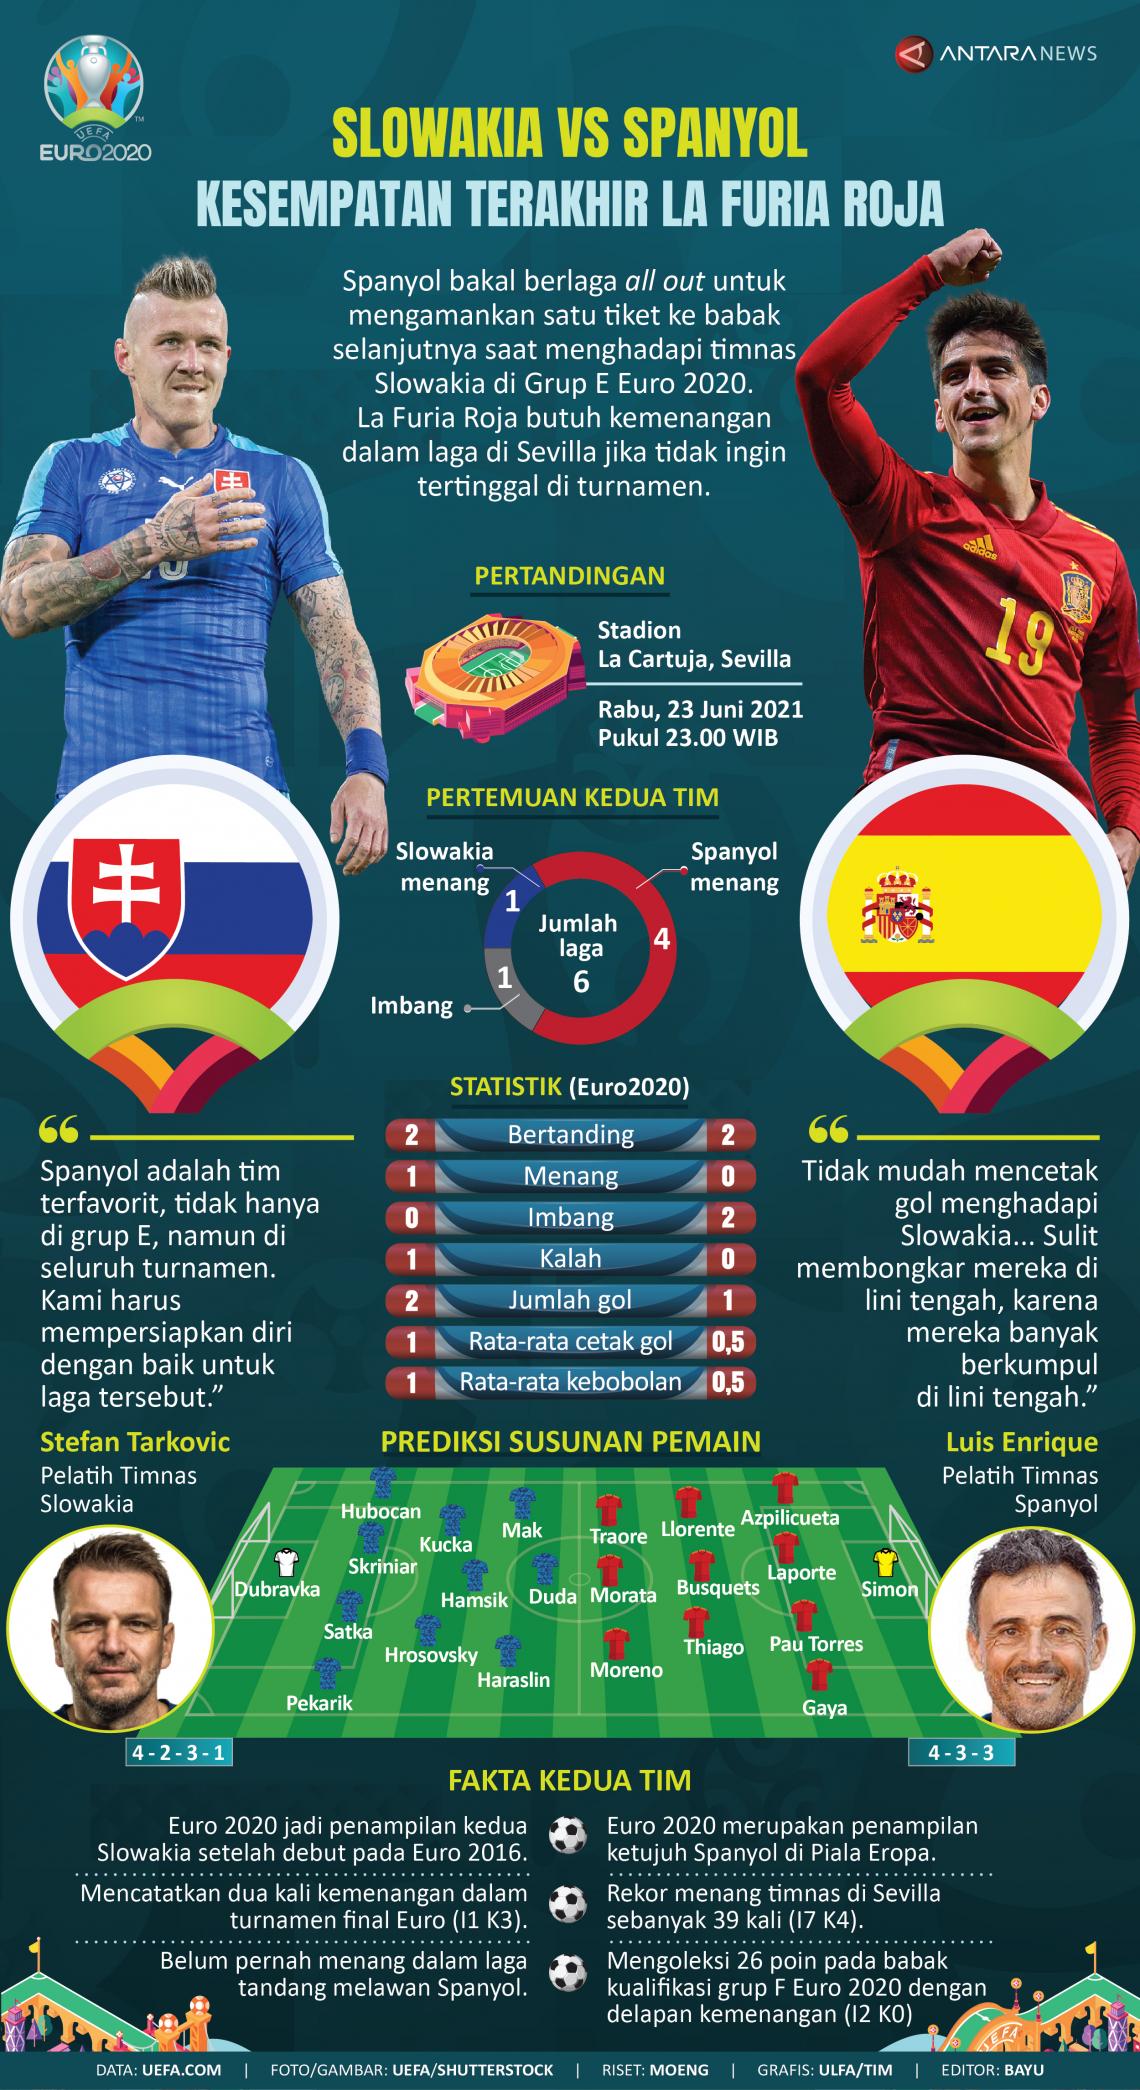 Euro 2020 Slowakia vs Spanyol: Kesempatan terakhir La Furia Roja